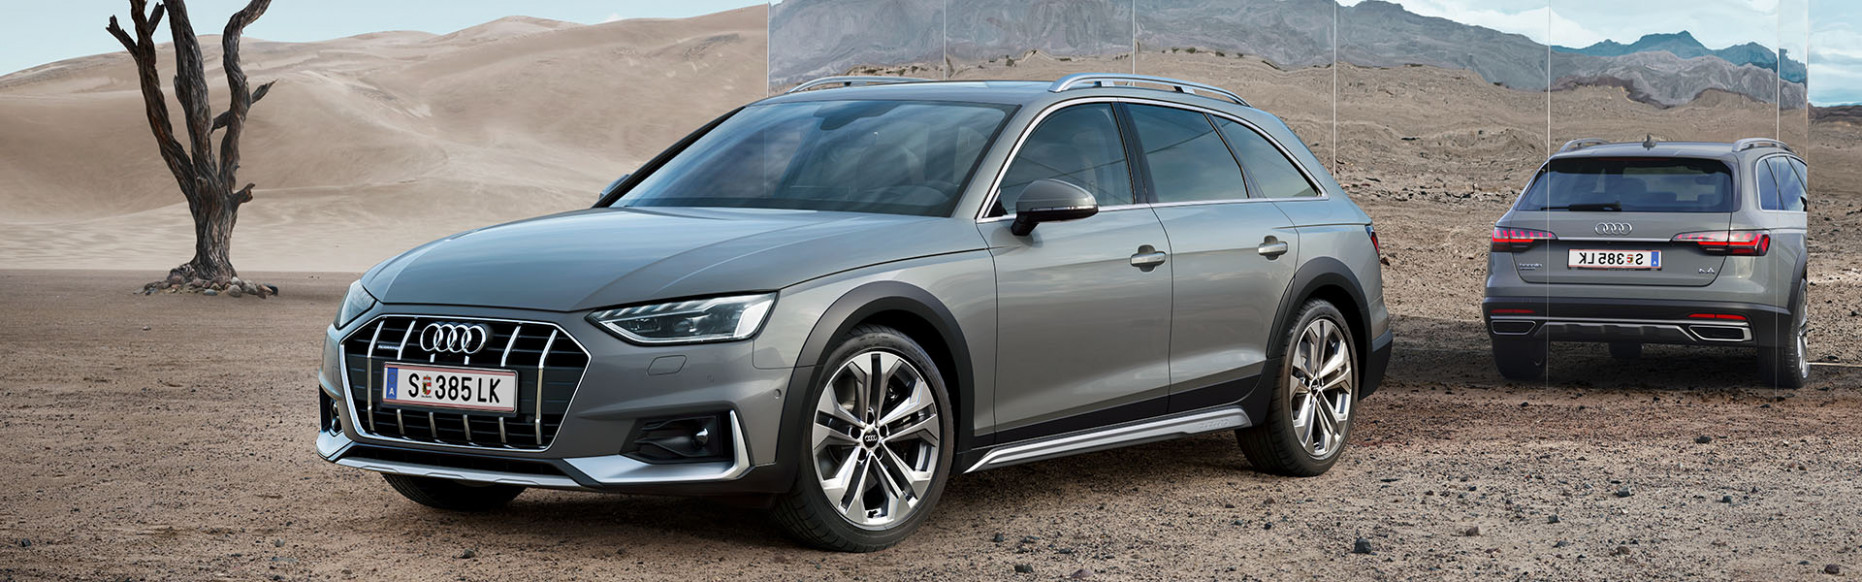 Redesign Audi A4 Allroad 2022